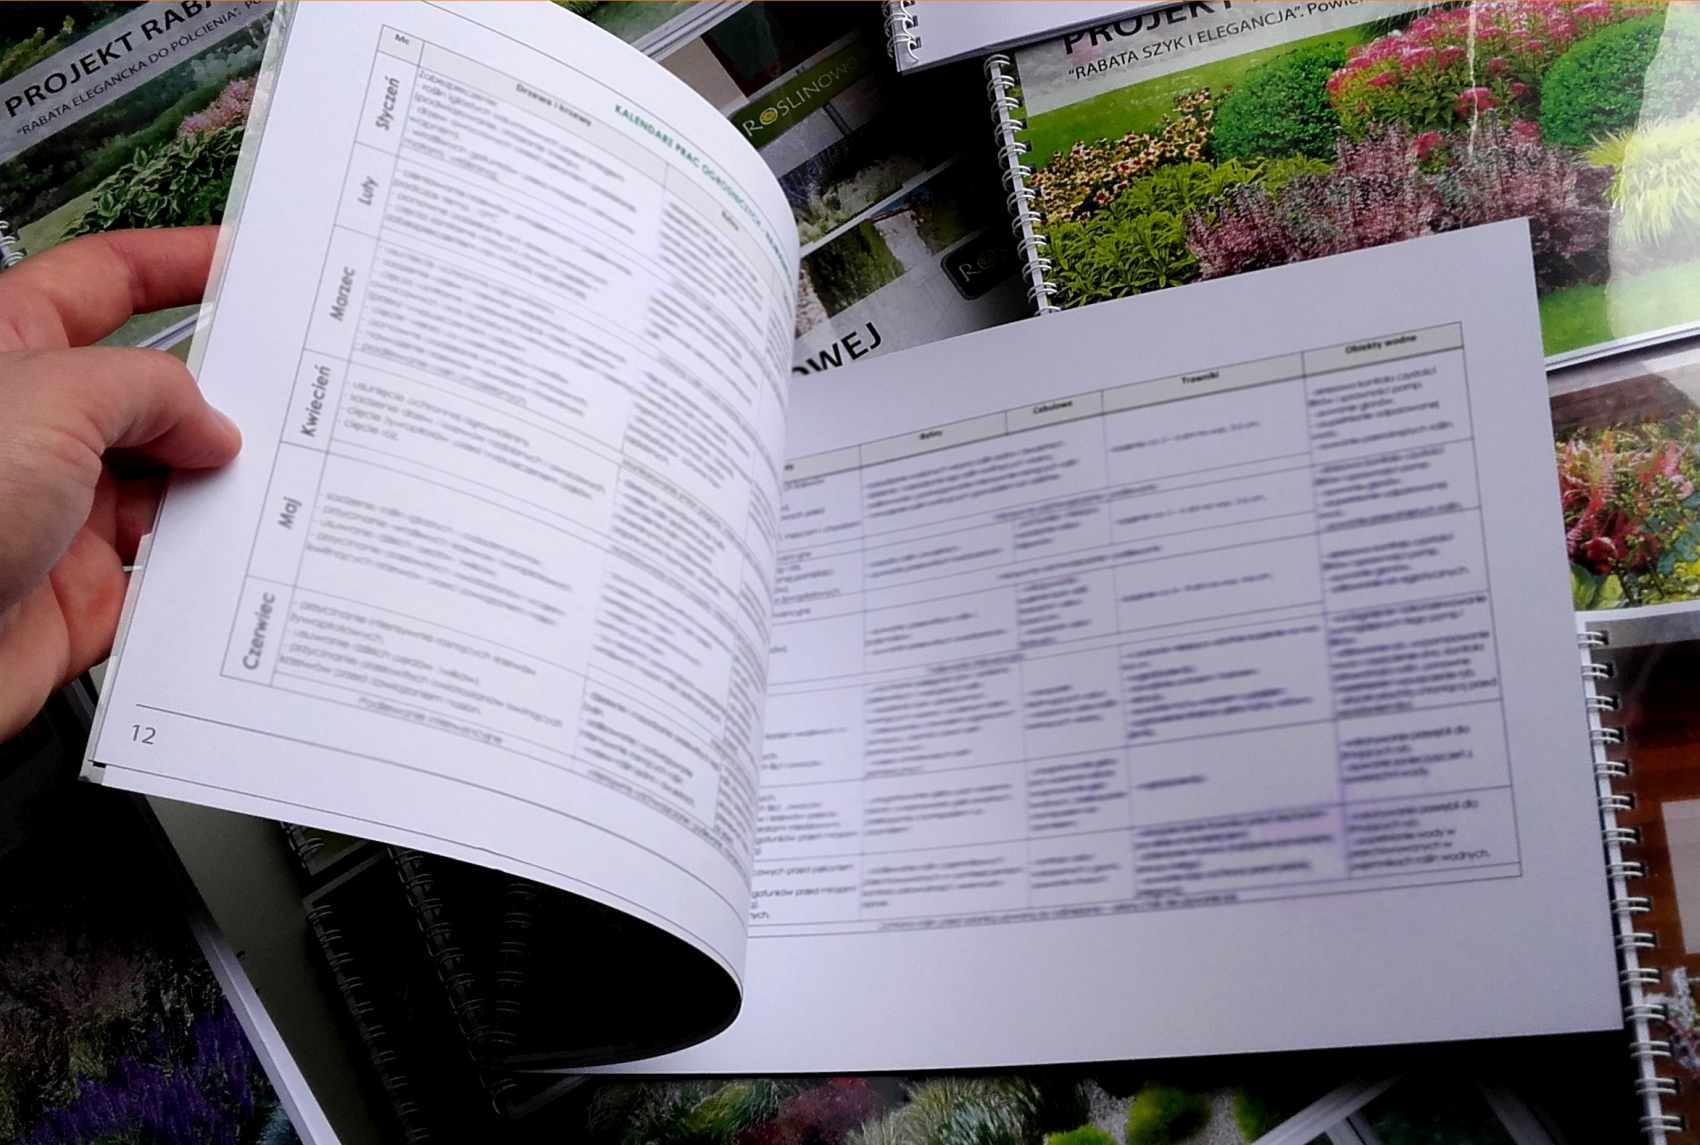 Kalendarz prac ogrodniczych - roslinowo.pl